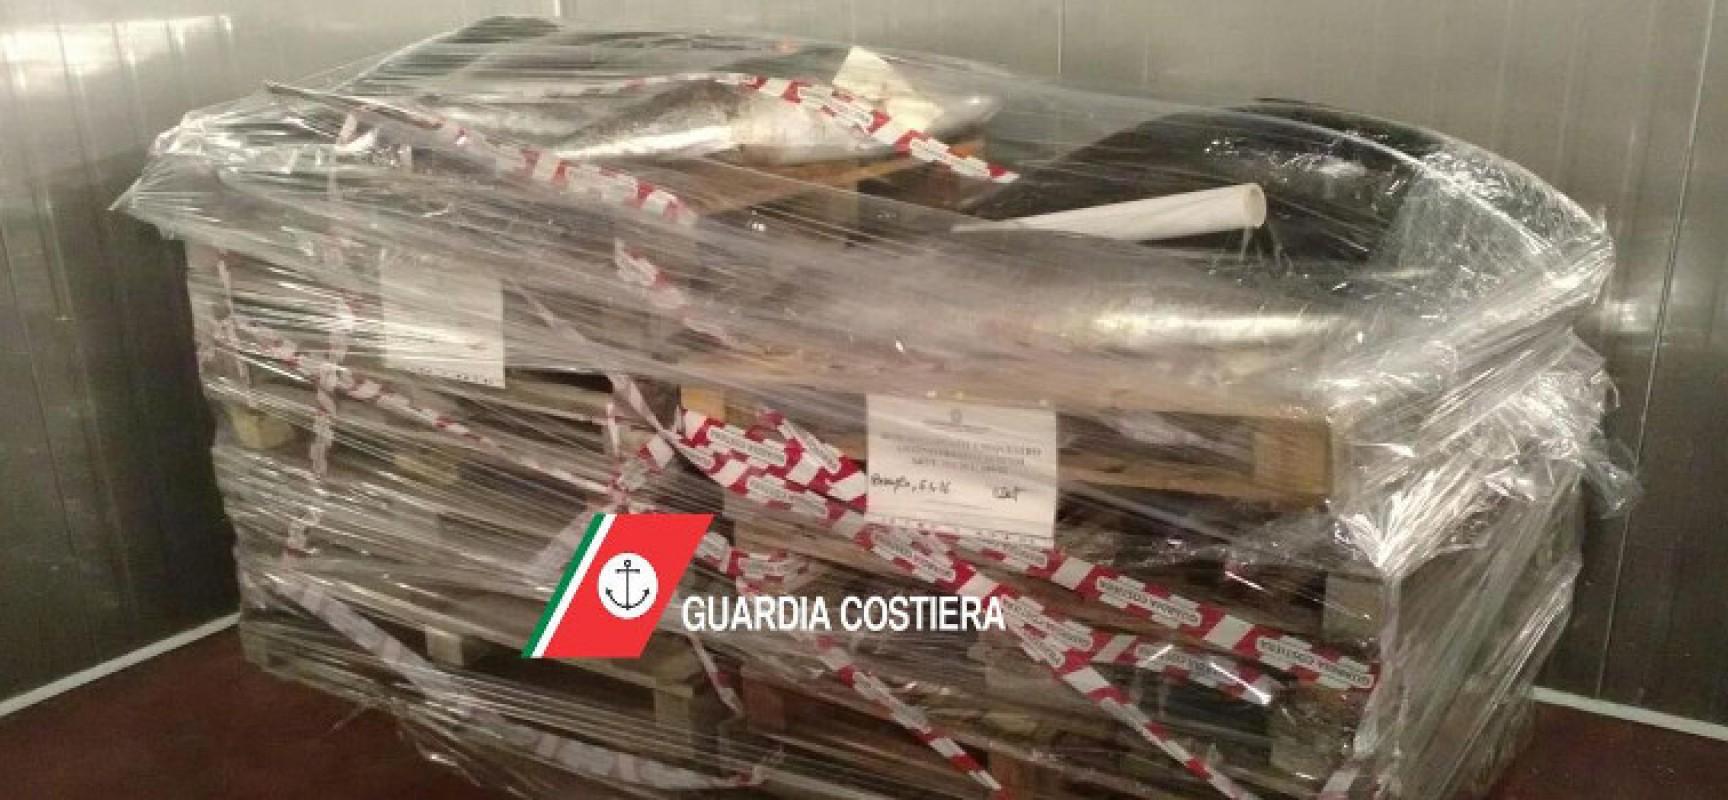 La Guardia Costiera sequestra una tonnellata di tonno rosso a un ingrosso ittico biscegliese